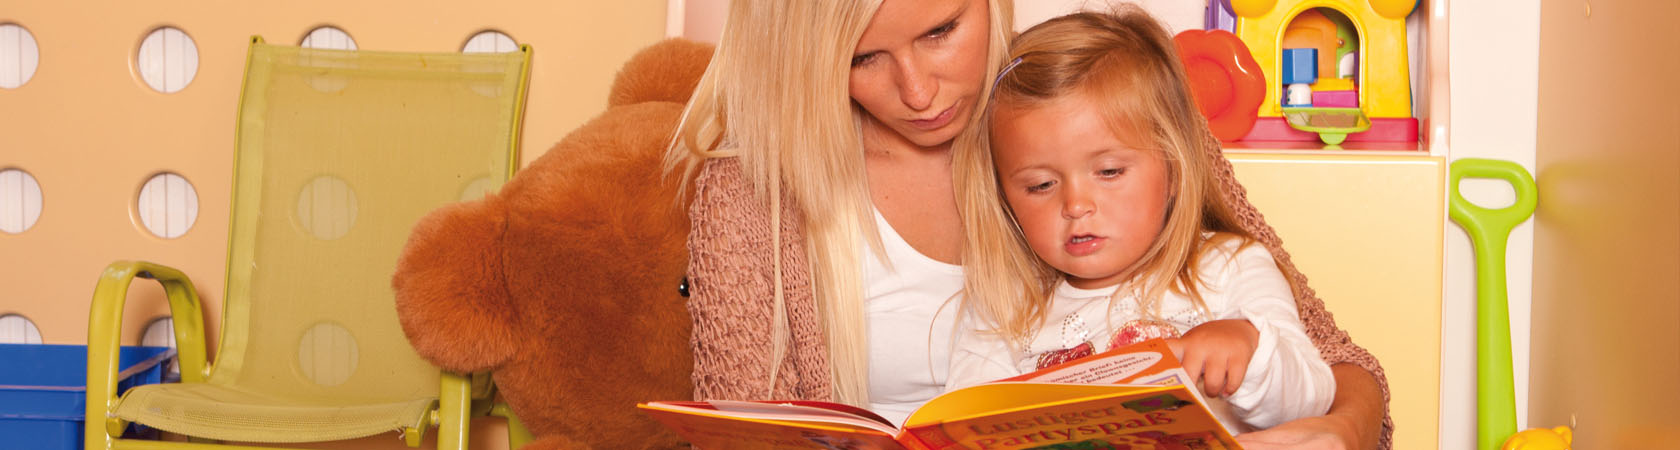 Junge Frau sitzt mit kleinem Mädchen in der Lutzi-Burg und liest ein Buch vor